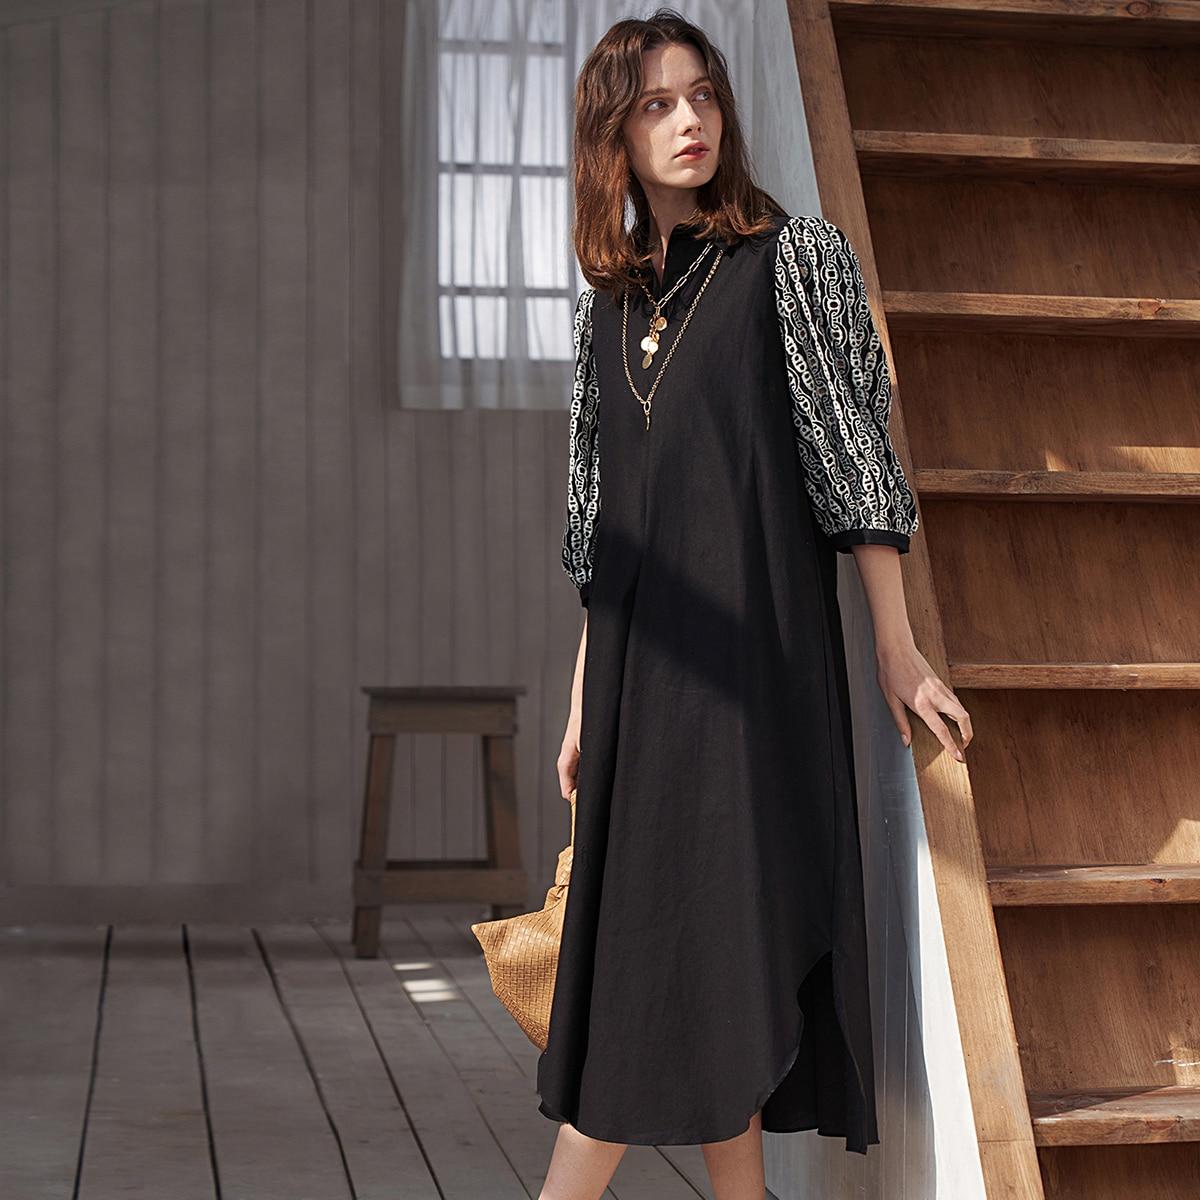 Асимметричный Геометрический принт Повседневный Платье